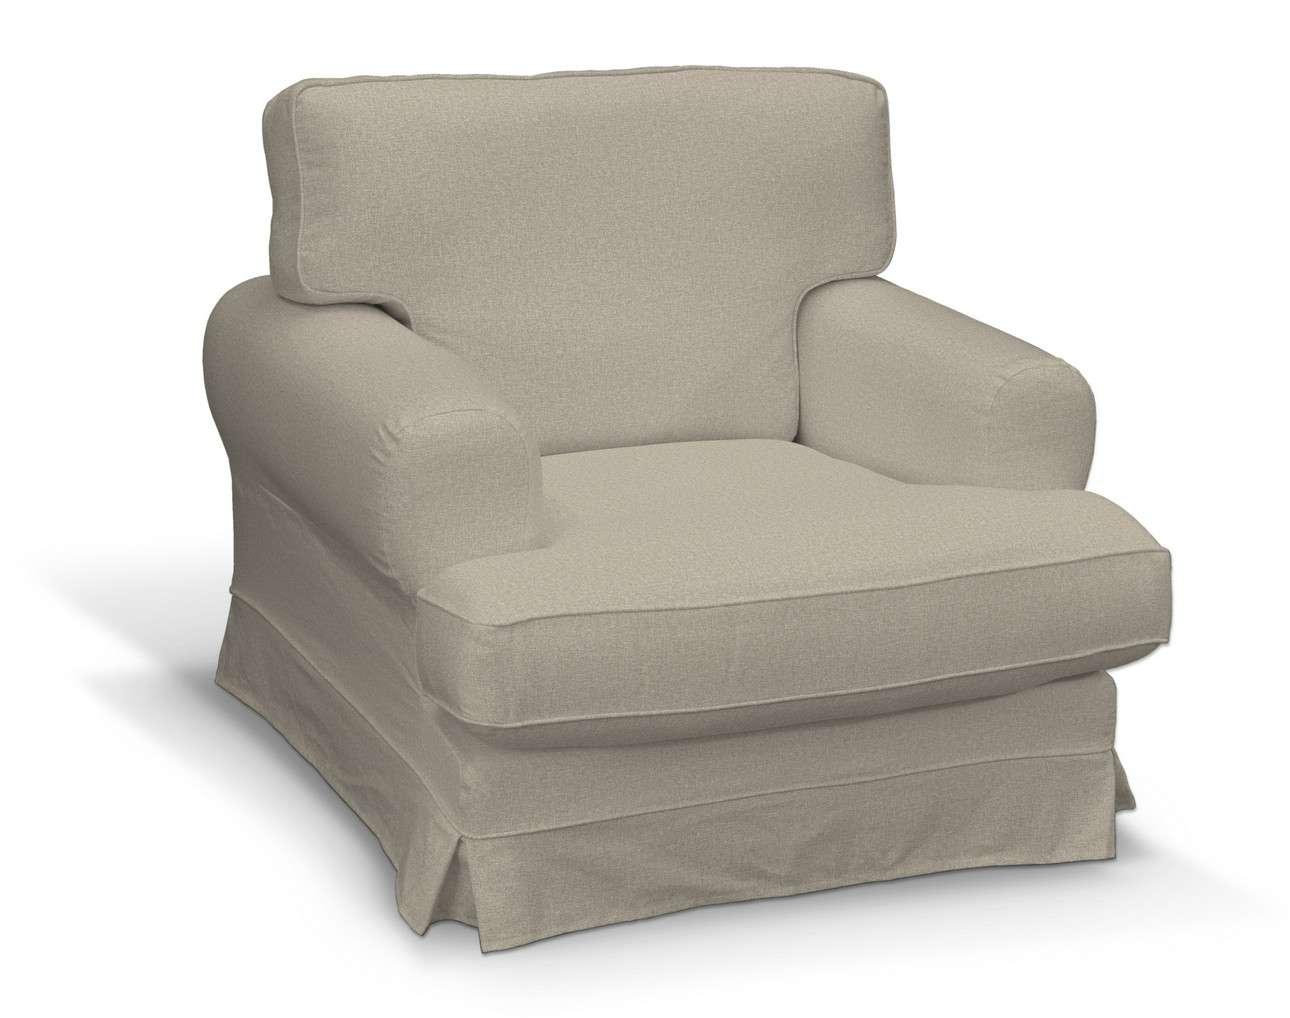 Bezug für Ekeskog Sessel von der Kollektion Amsterdam, Stoff: 704-52